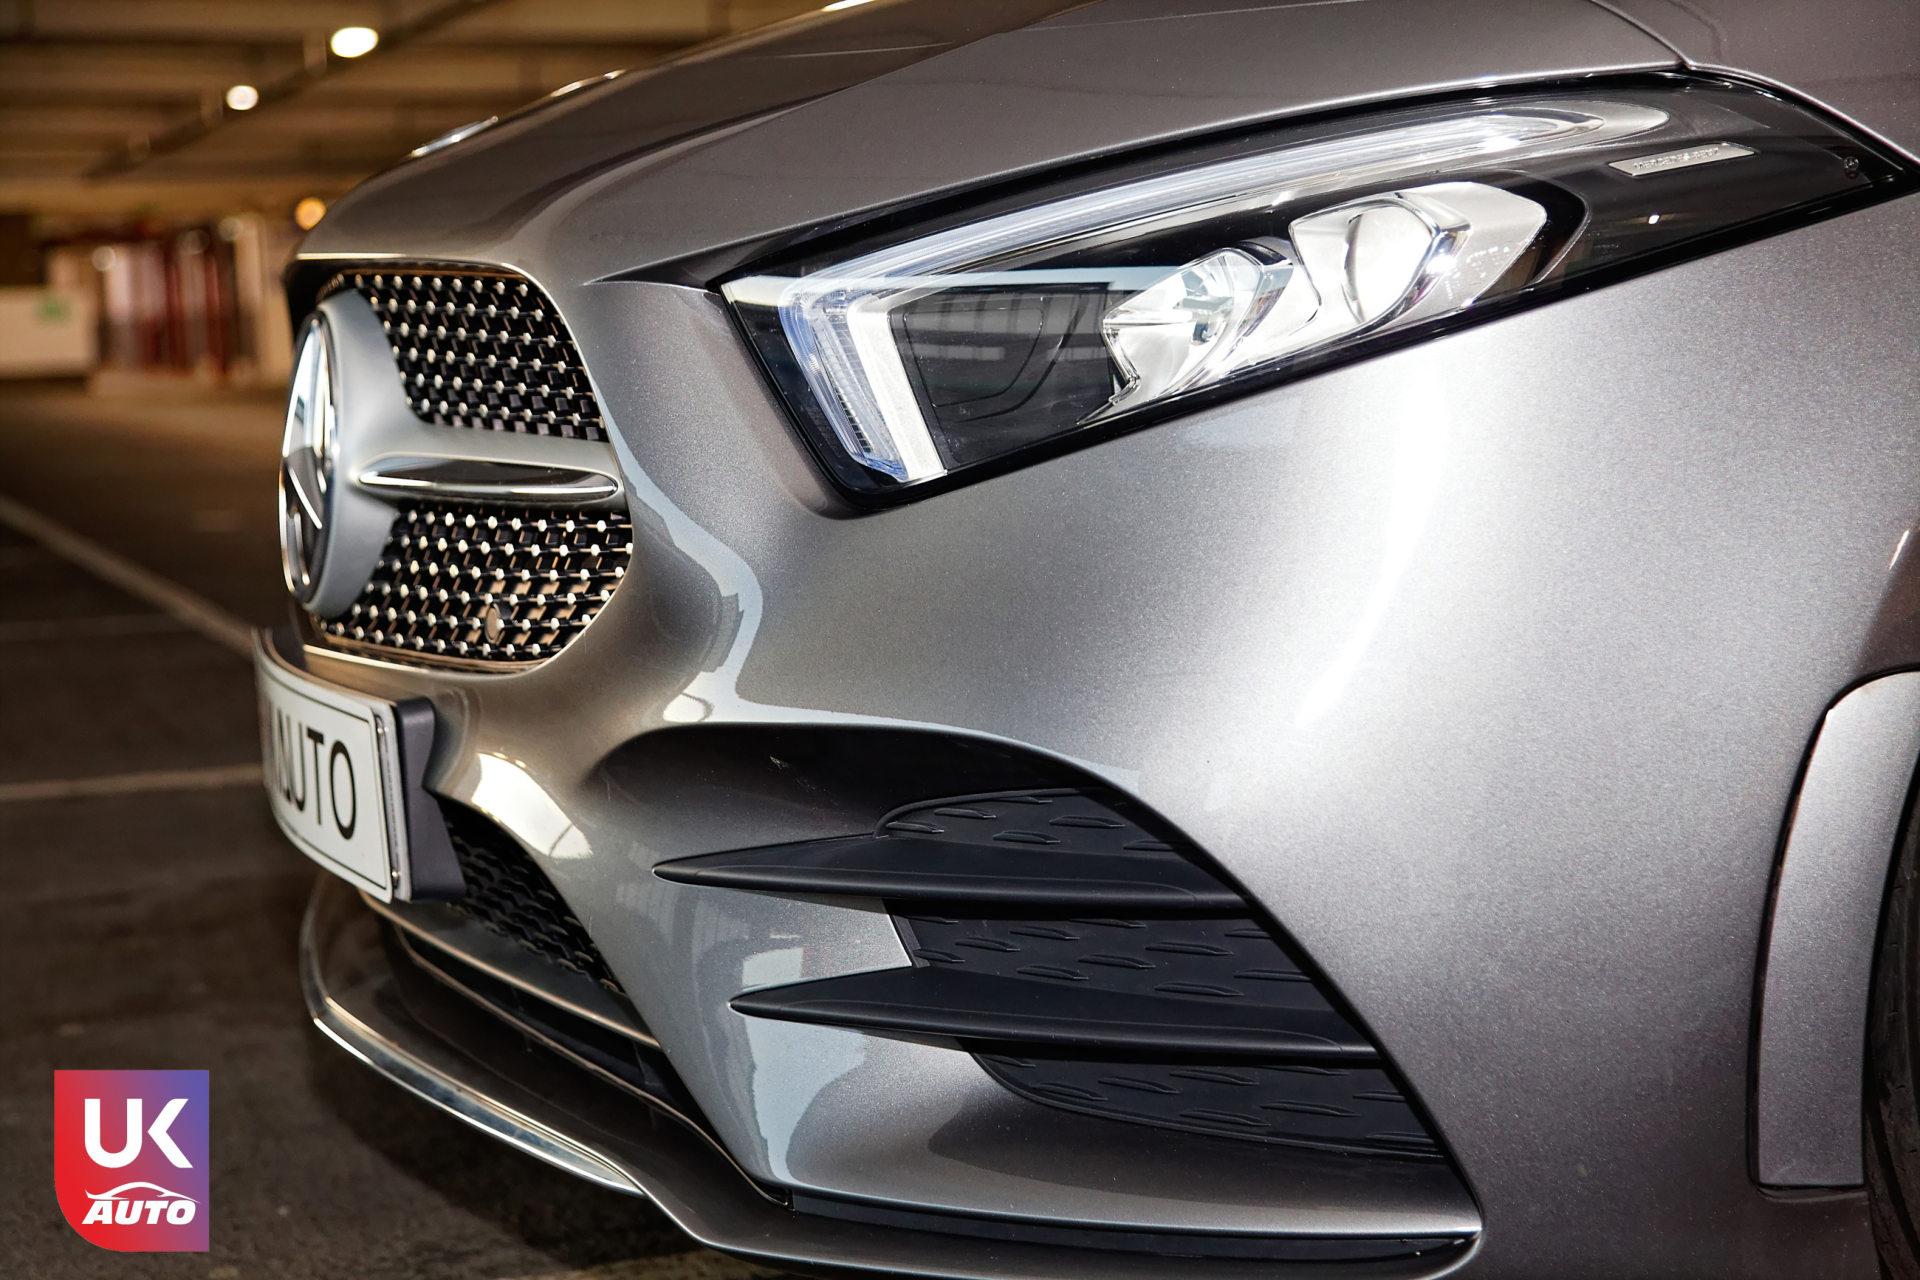 Mercedes uk mercedes angleterre mercedes a220 pack amg uk mercedes class a amg uk5 DxO - ACHAT ANGLETERRE MERCEDES C220 MERCEDES ANGLETERRE IMPORT UKAUTO.FR AUTOTRADER UK